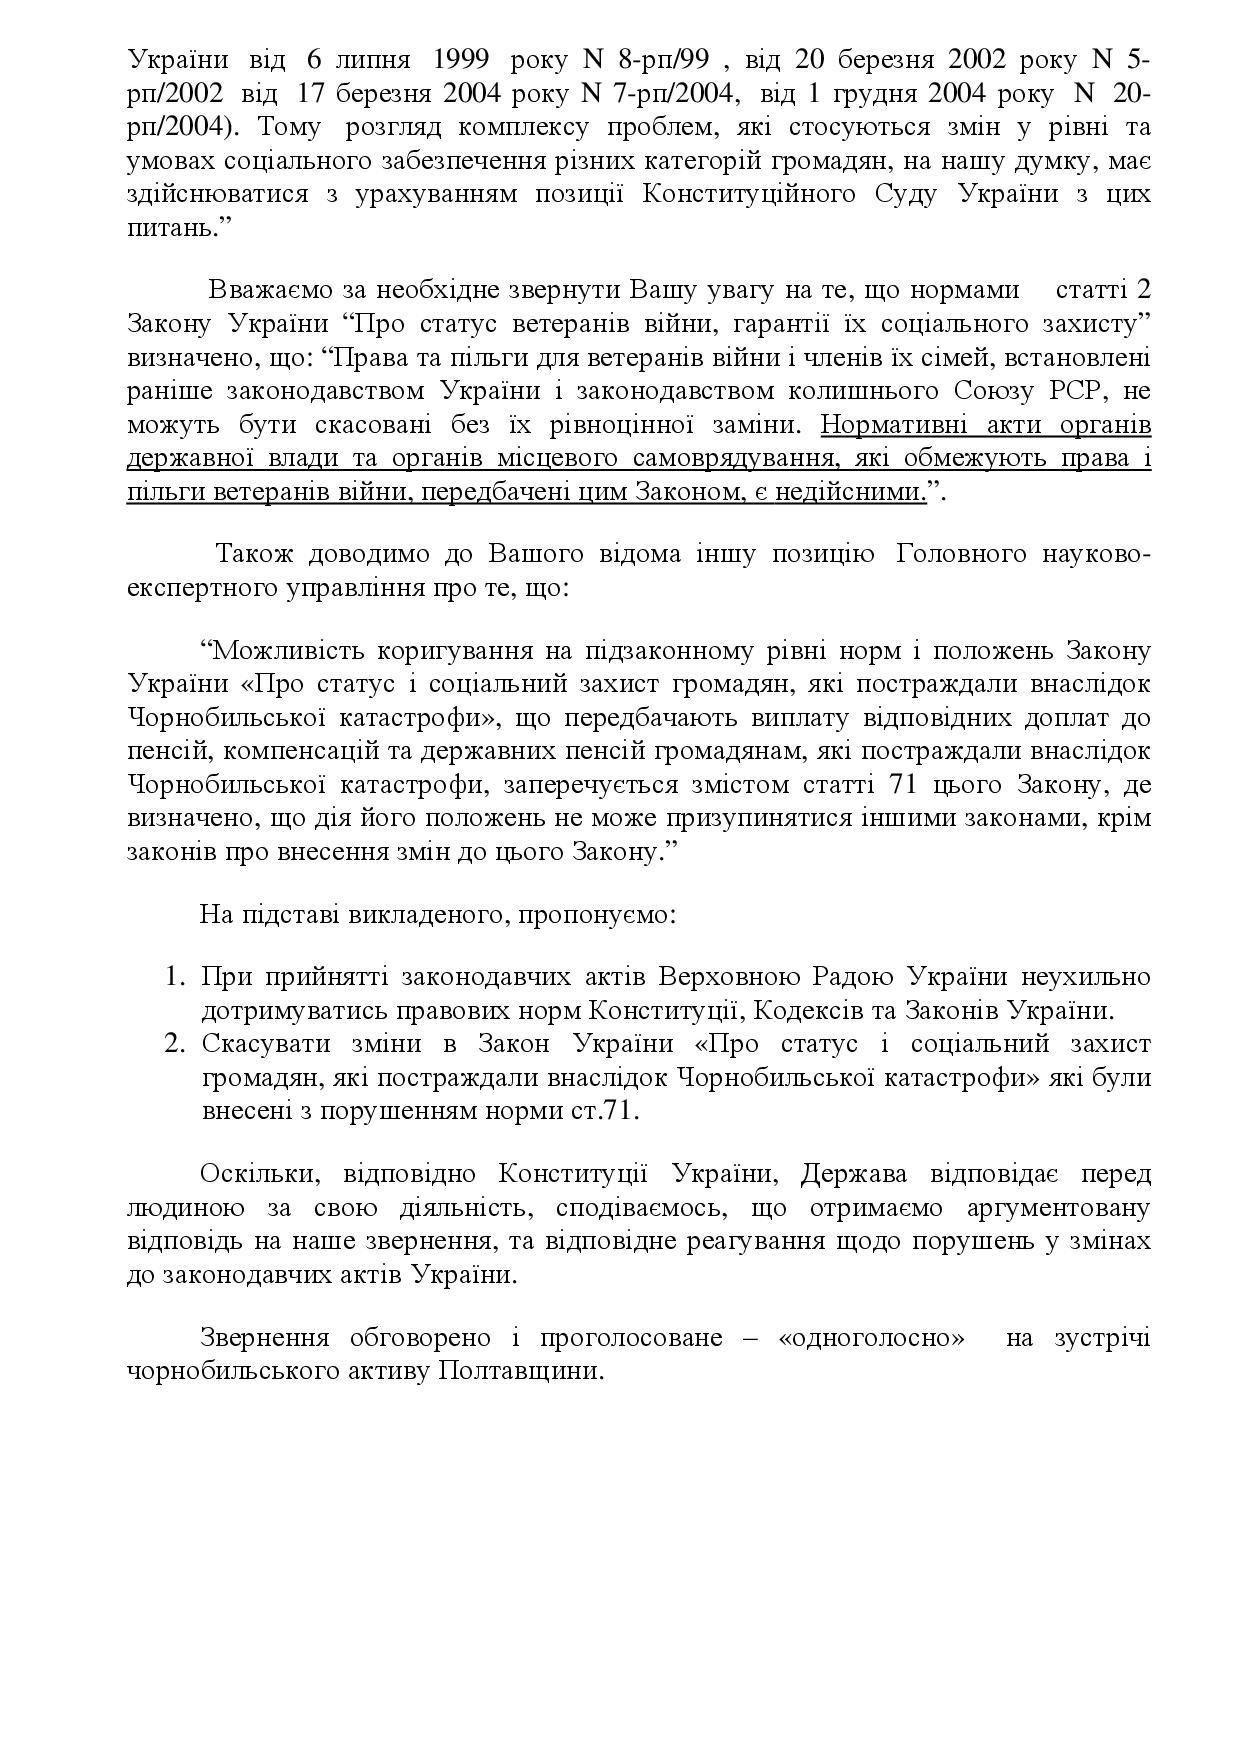 звернення до депутатів ВРУ3.jpg